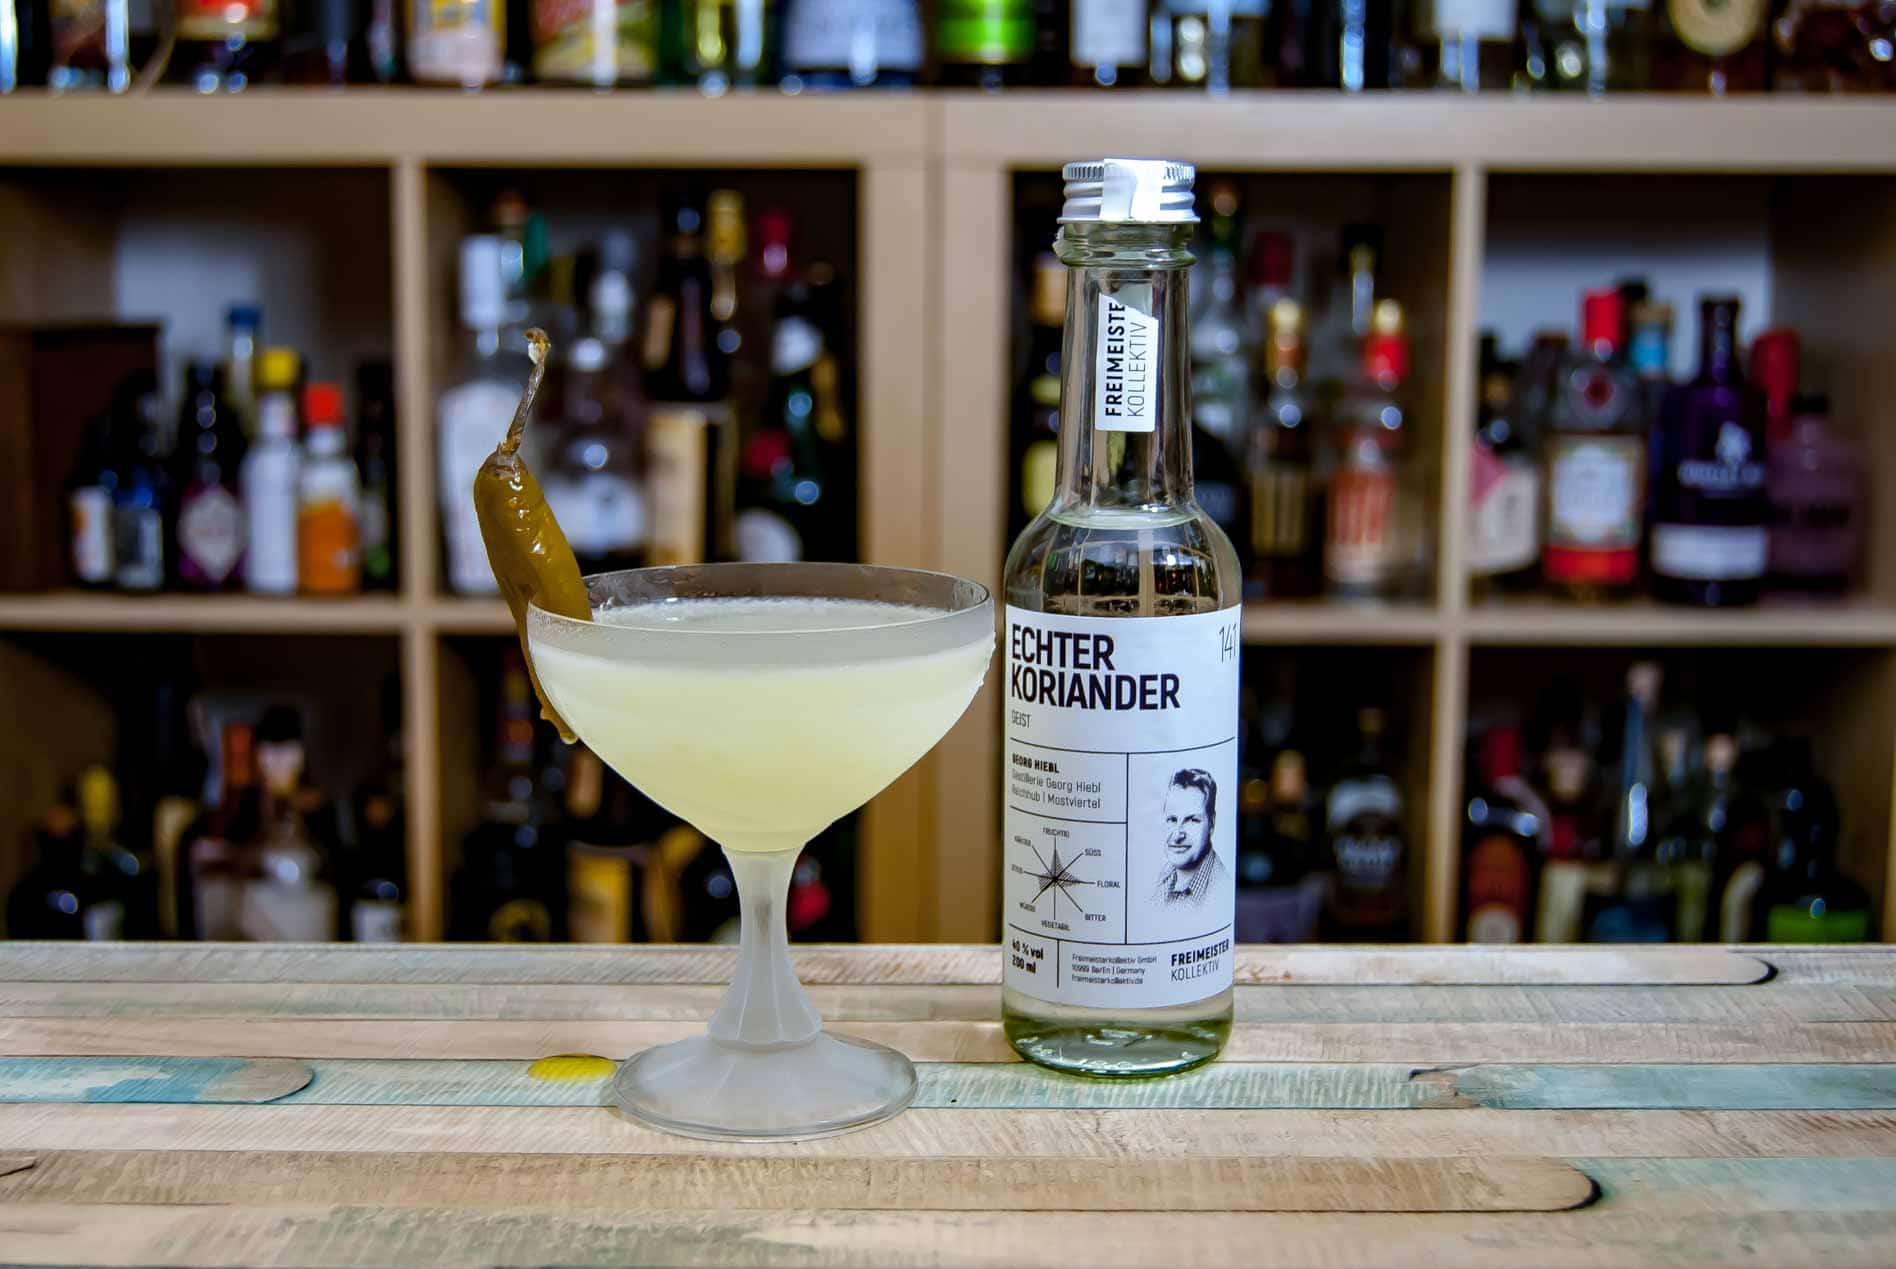 Eine Koriander-Margarita - erstaunlich umamiges Zeug, wenn noch etwas Chili mitspielt.